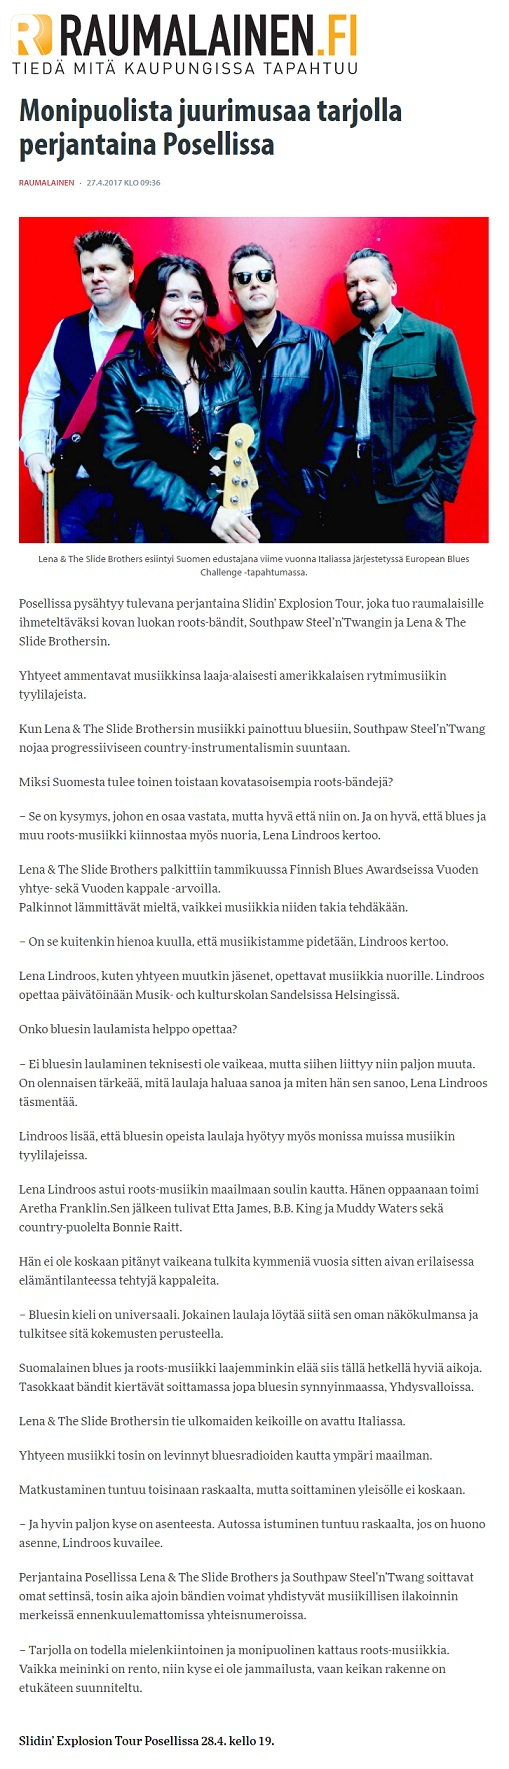 Raumalainen 27.4.2017